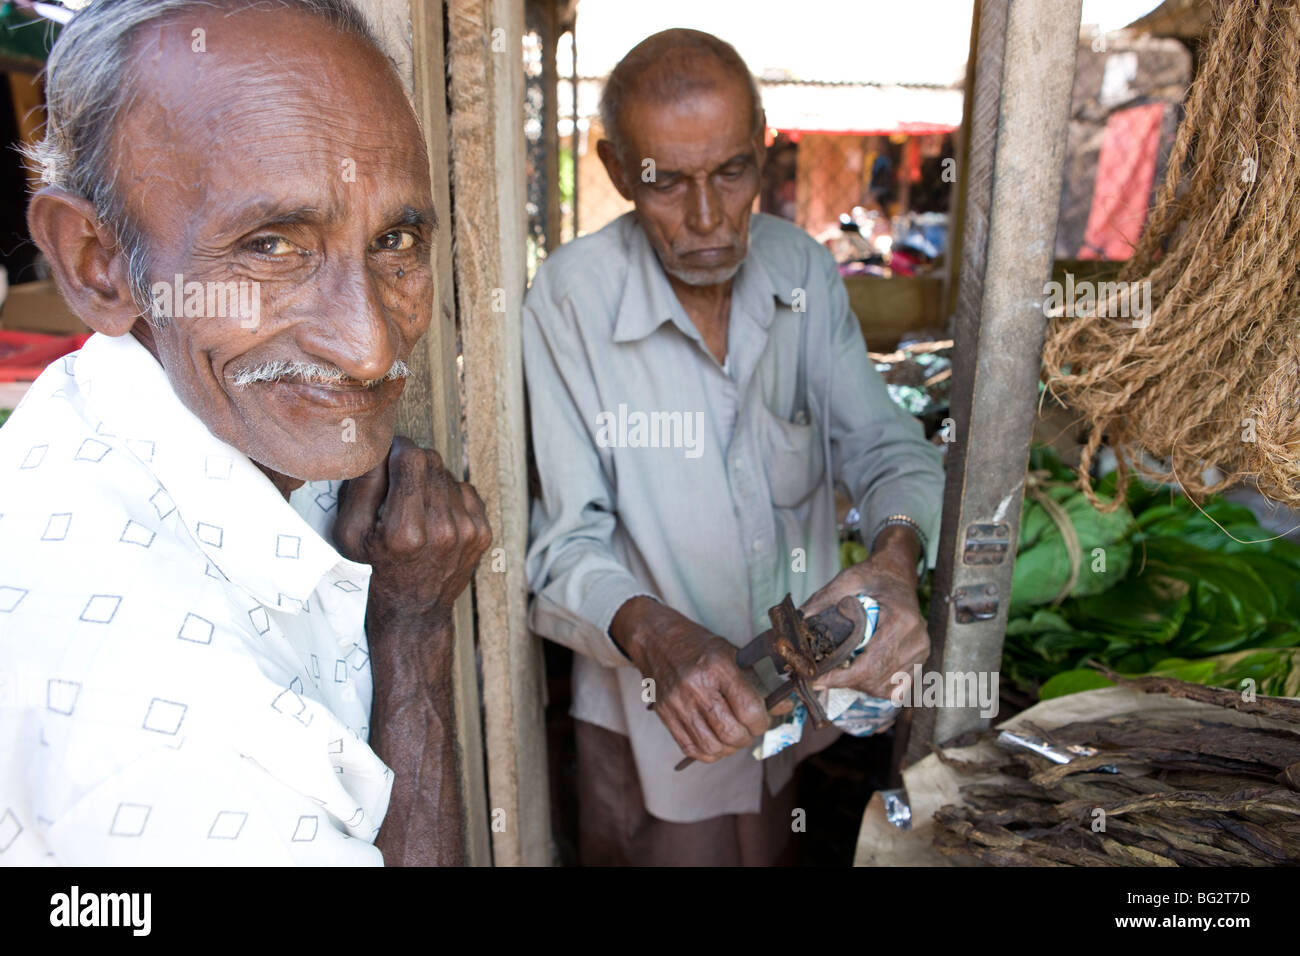 Market in Hikkaduwa, Sri Lanka - Stock Image